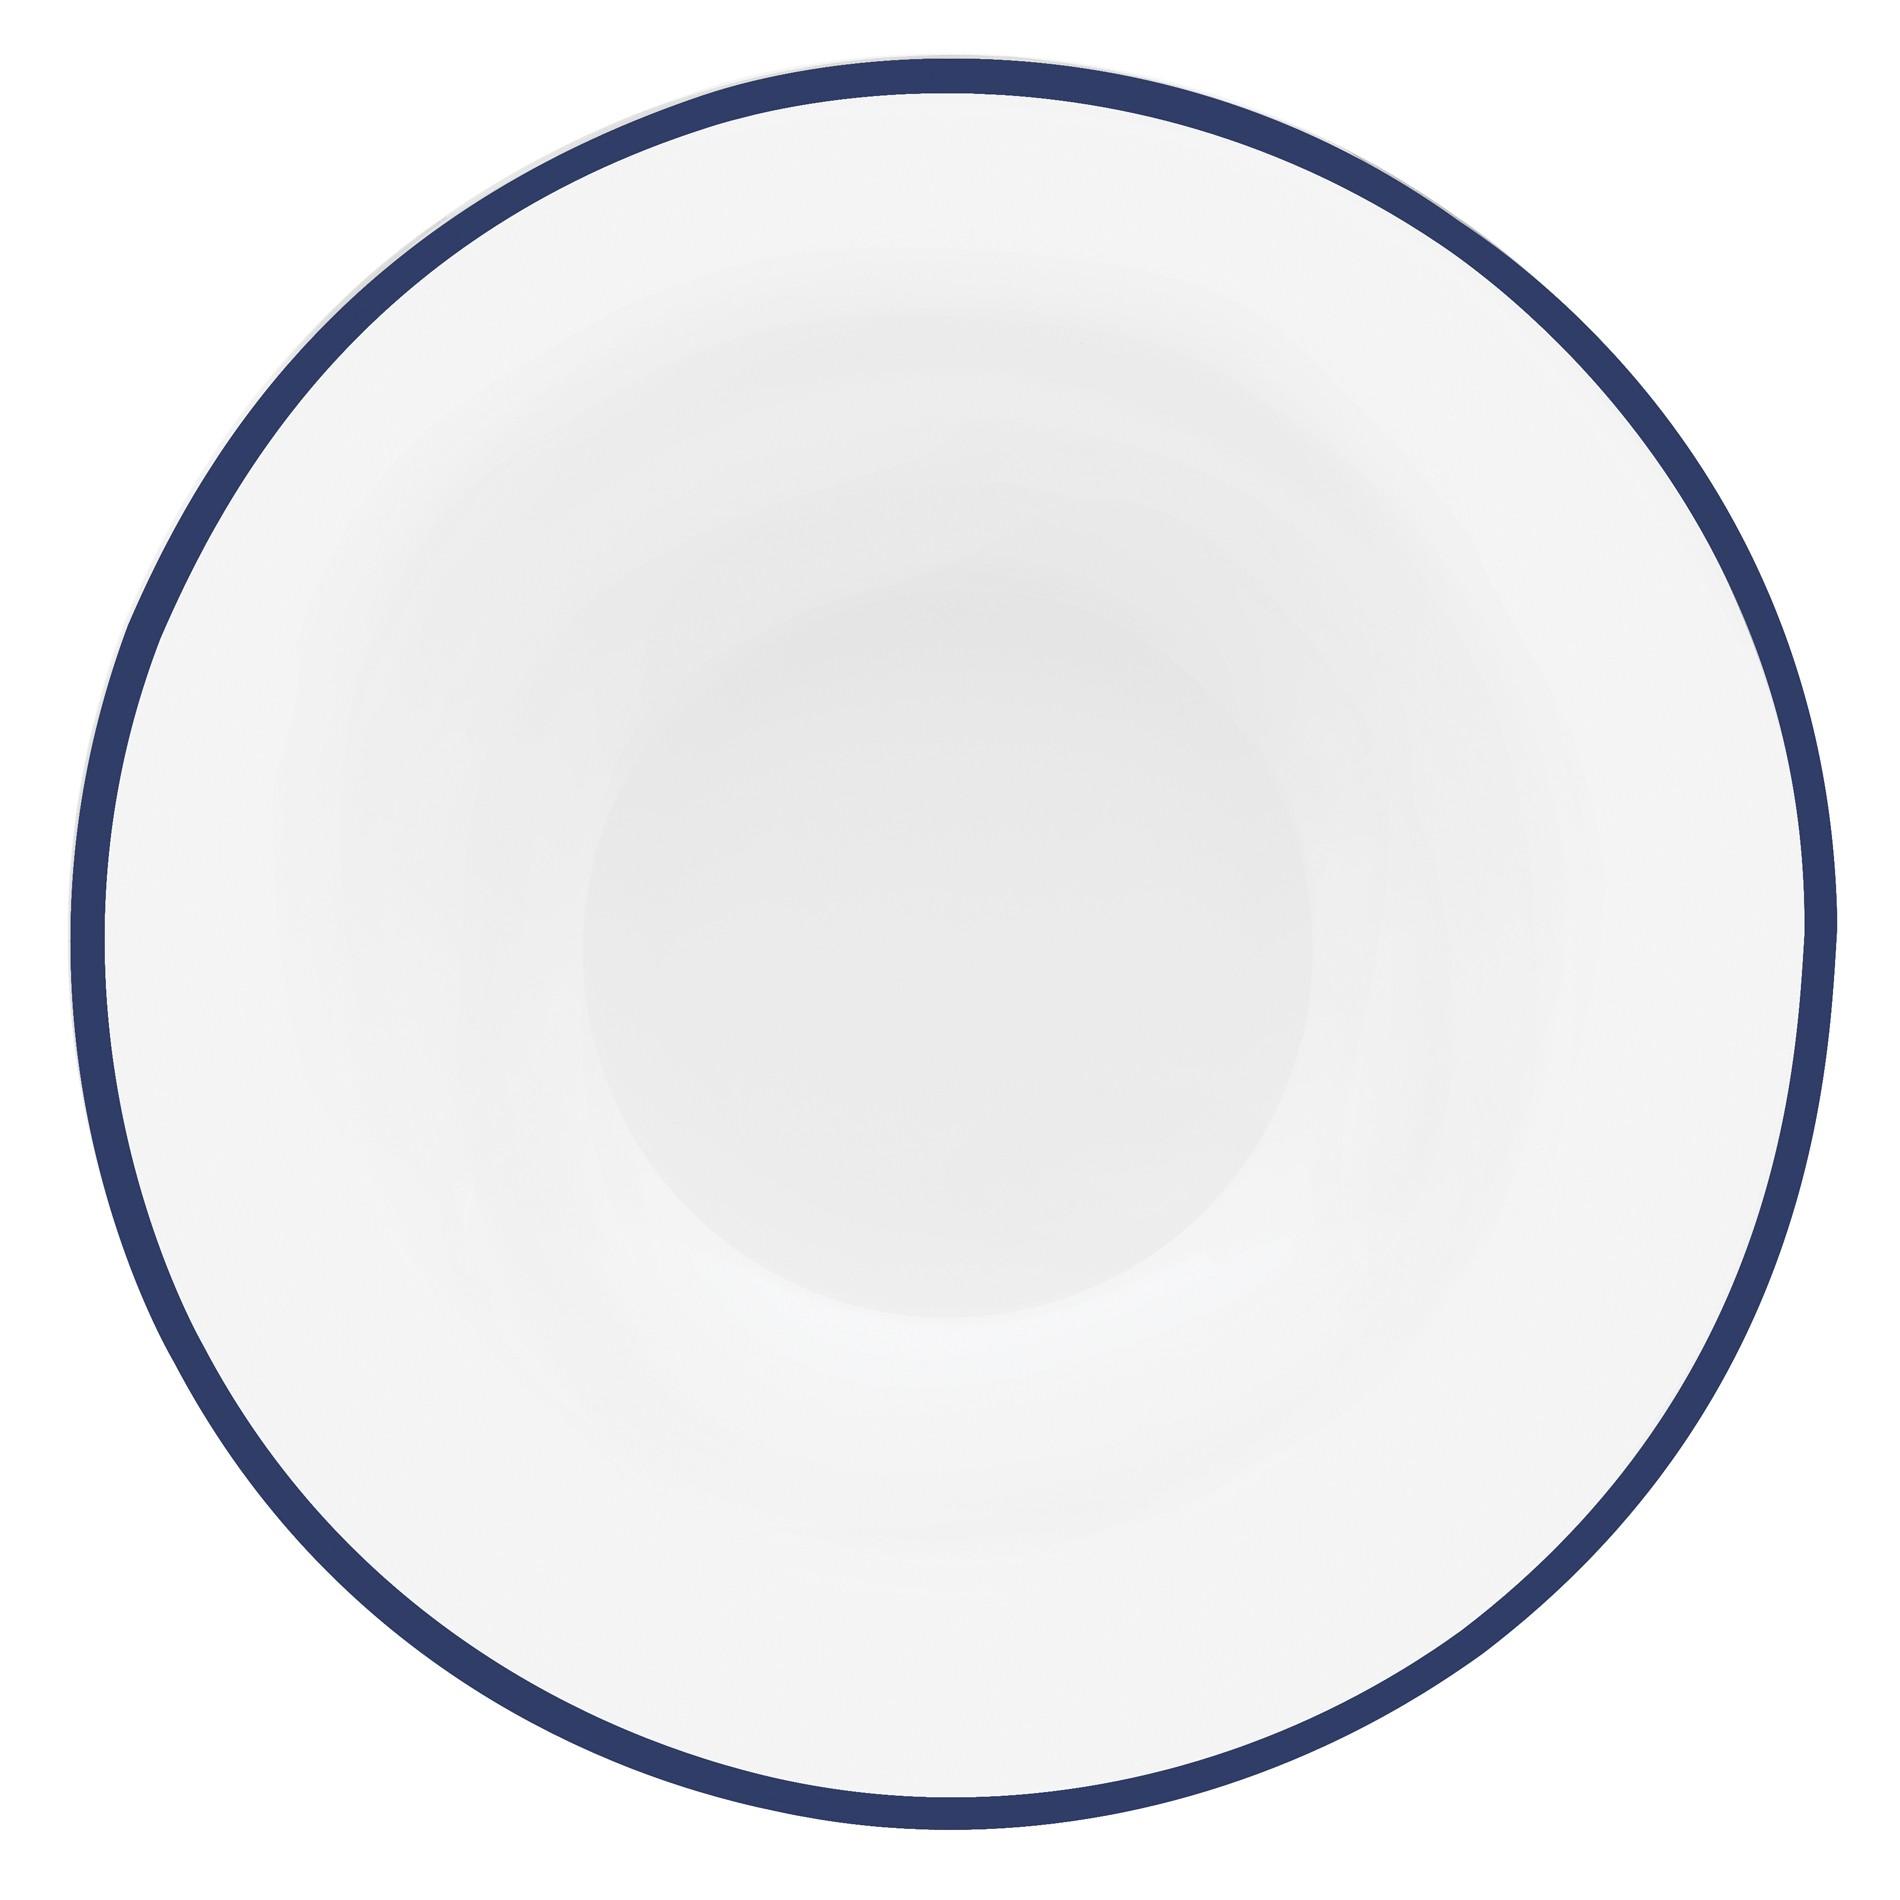 Πιάτο Φρούτου Σετ 6Τμχ Mediterraneo 22cm Ionia home   ειδη σερβιρισματος   πιάτα